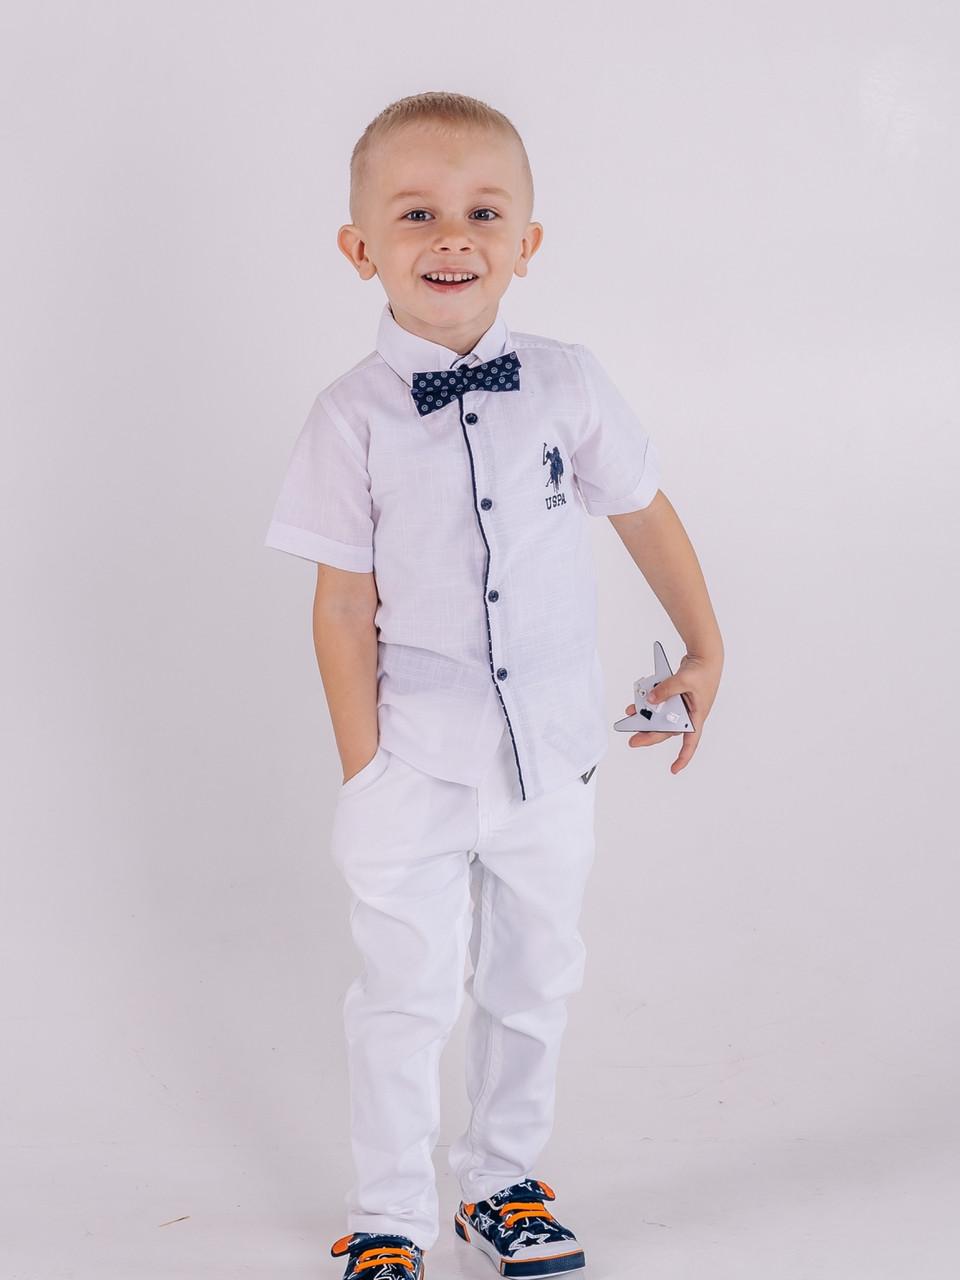 Рубашка белая Polo для мальчика 1-4 лет